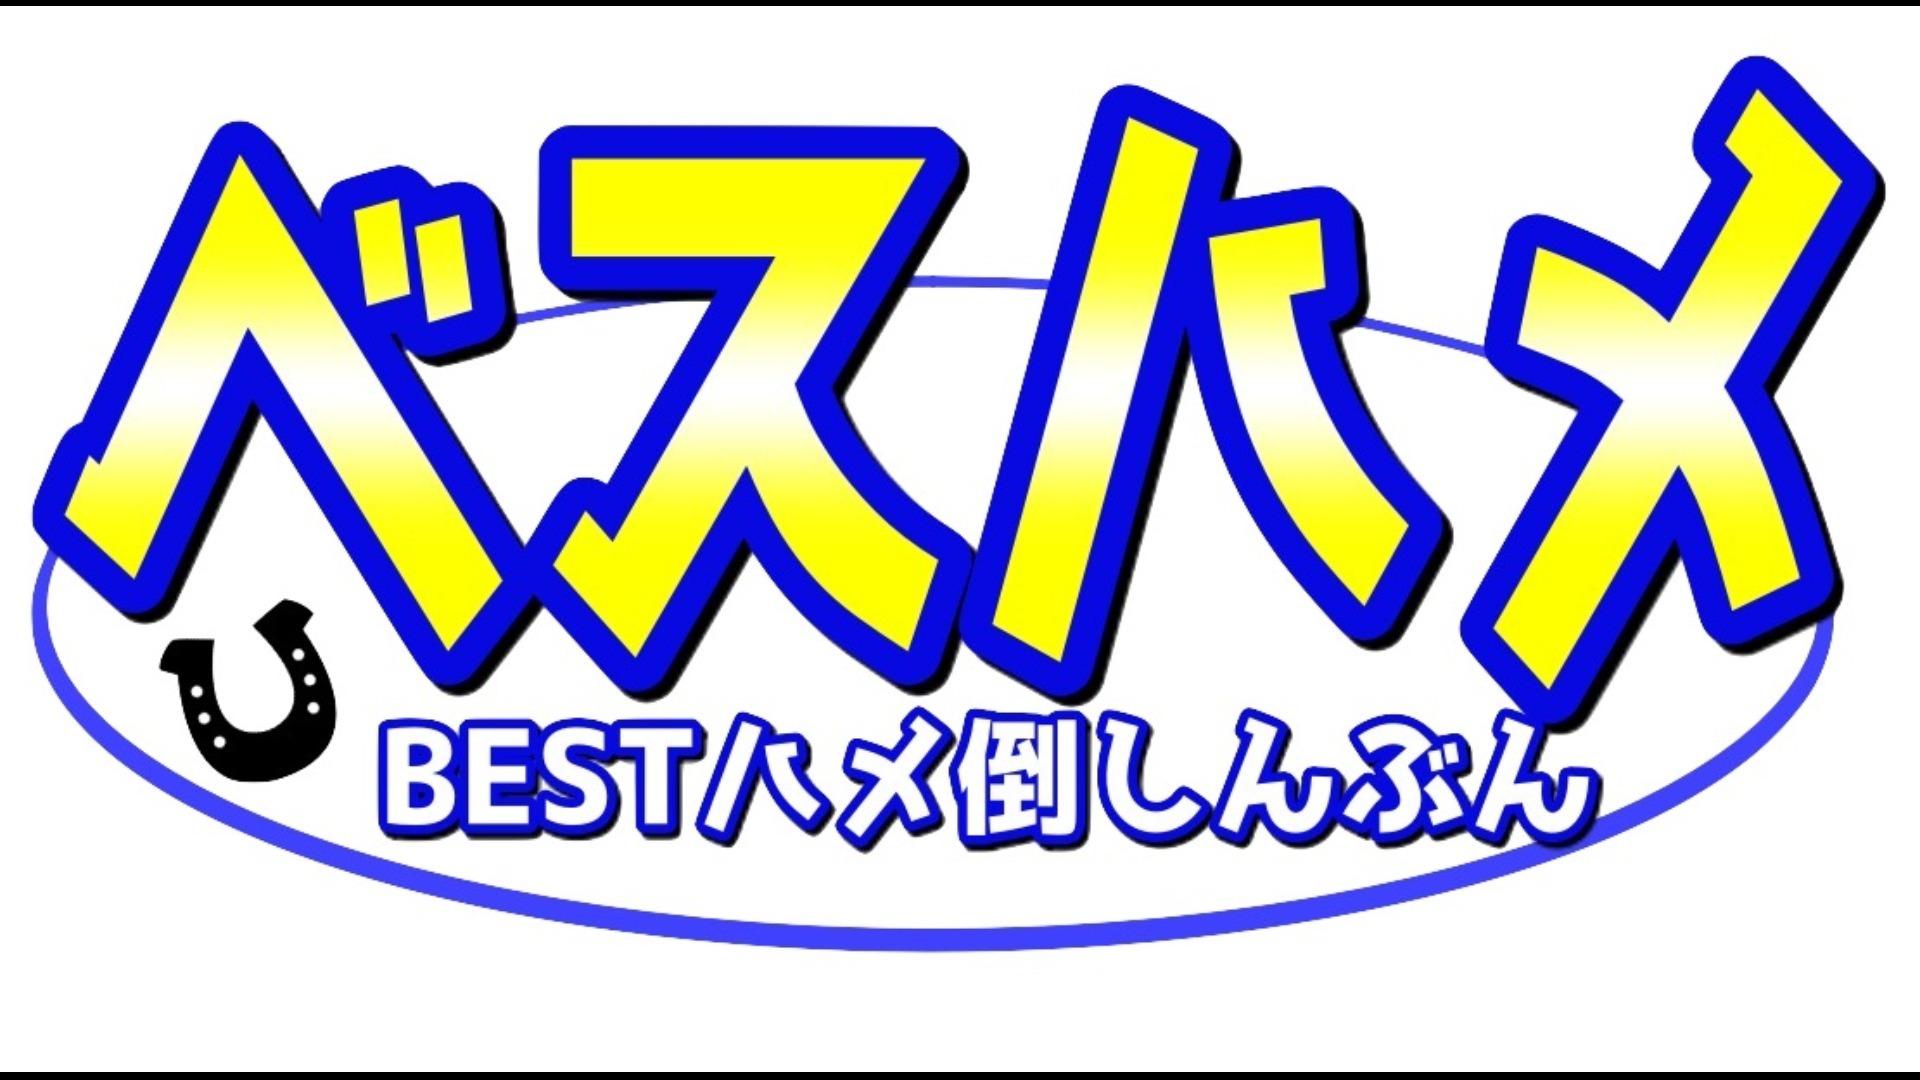 【11/28号】ベスハメ完全版~BEST BUYとハメ倒し競馬~